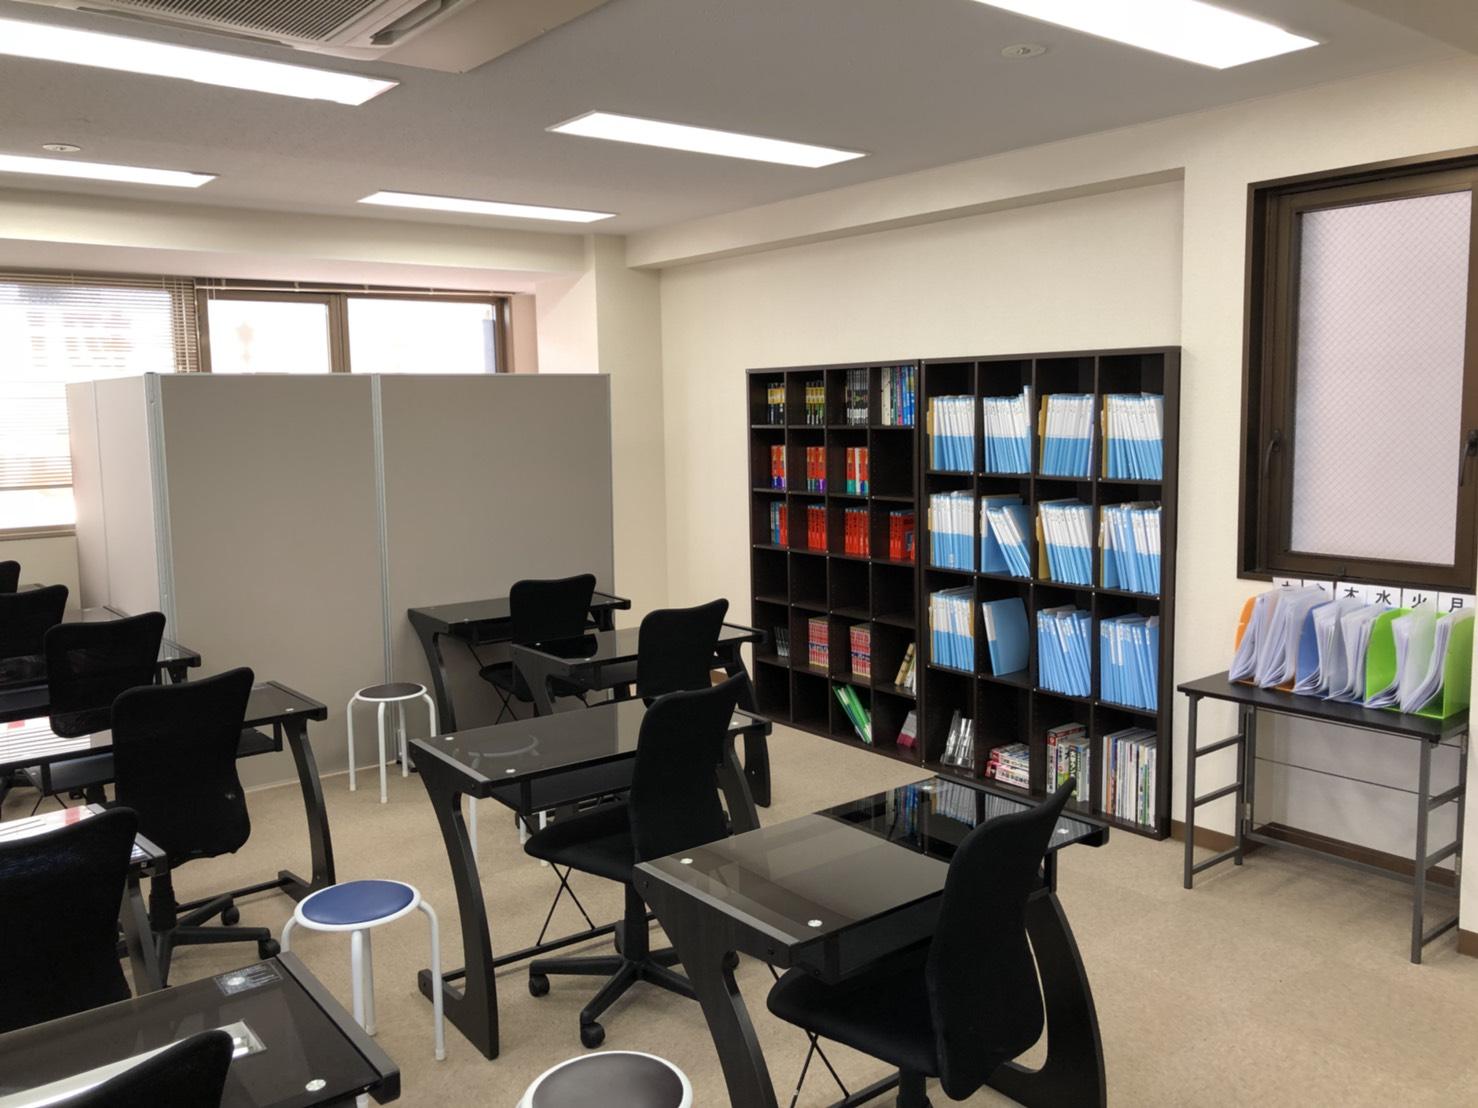 武田塾船橋校が新校舎に移転しました!【自習席増加!】